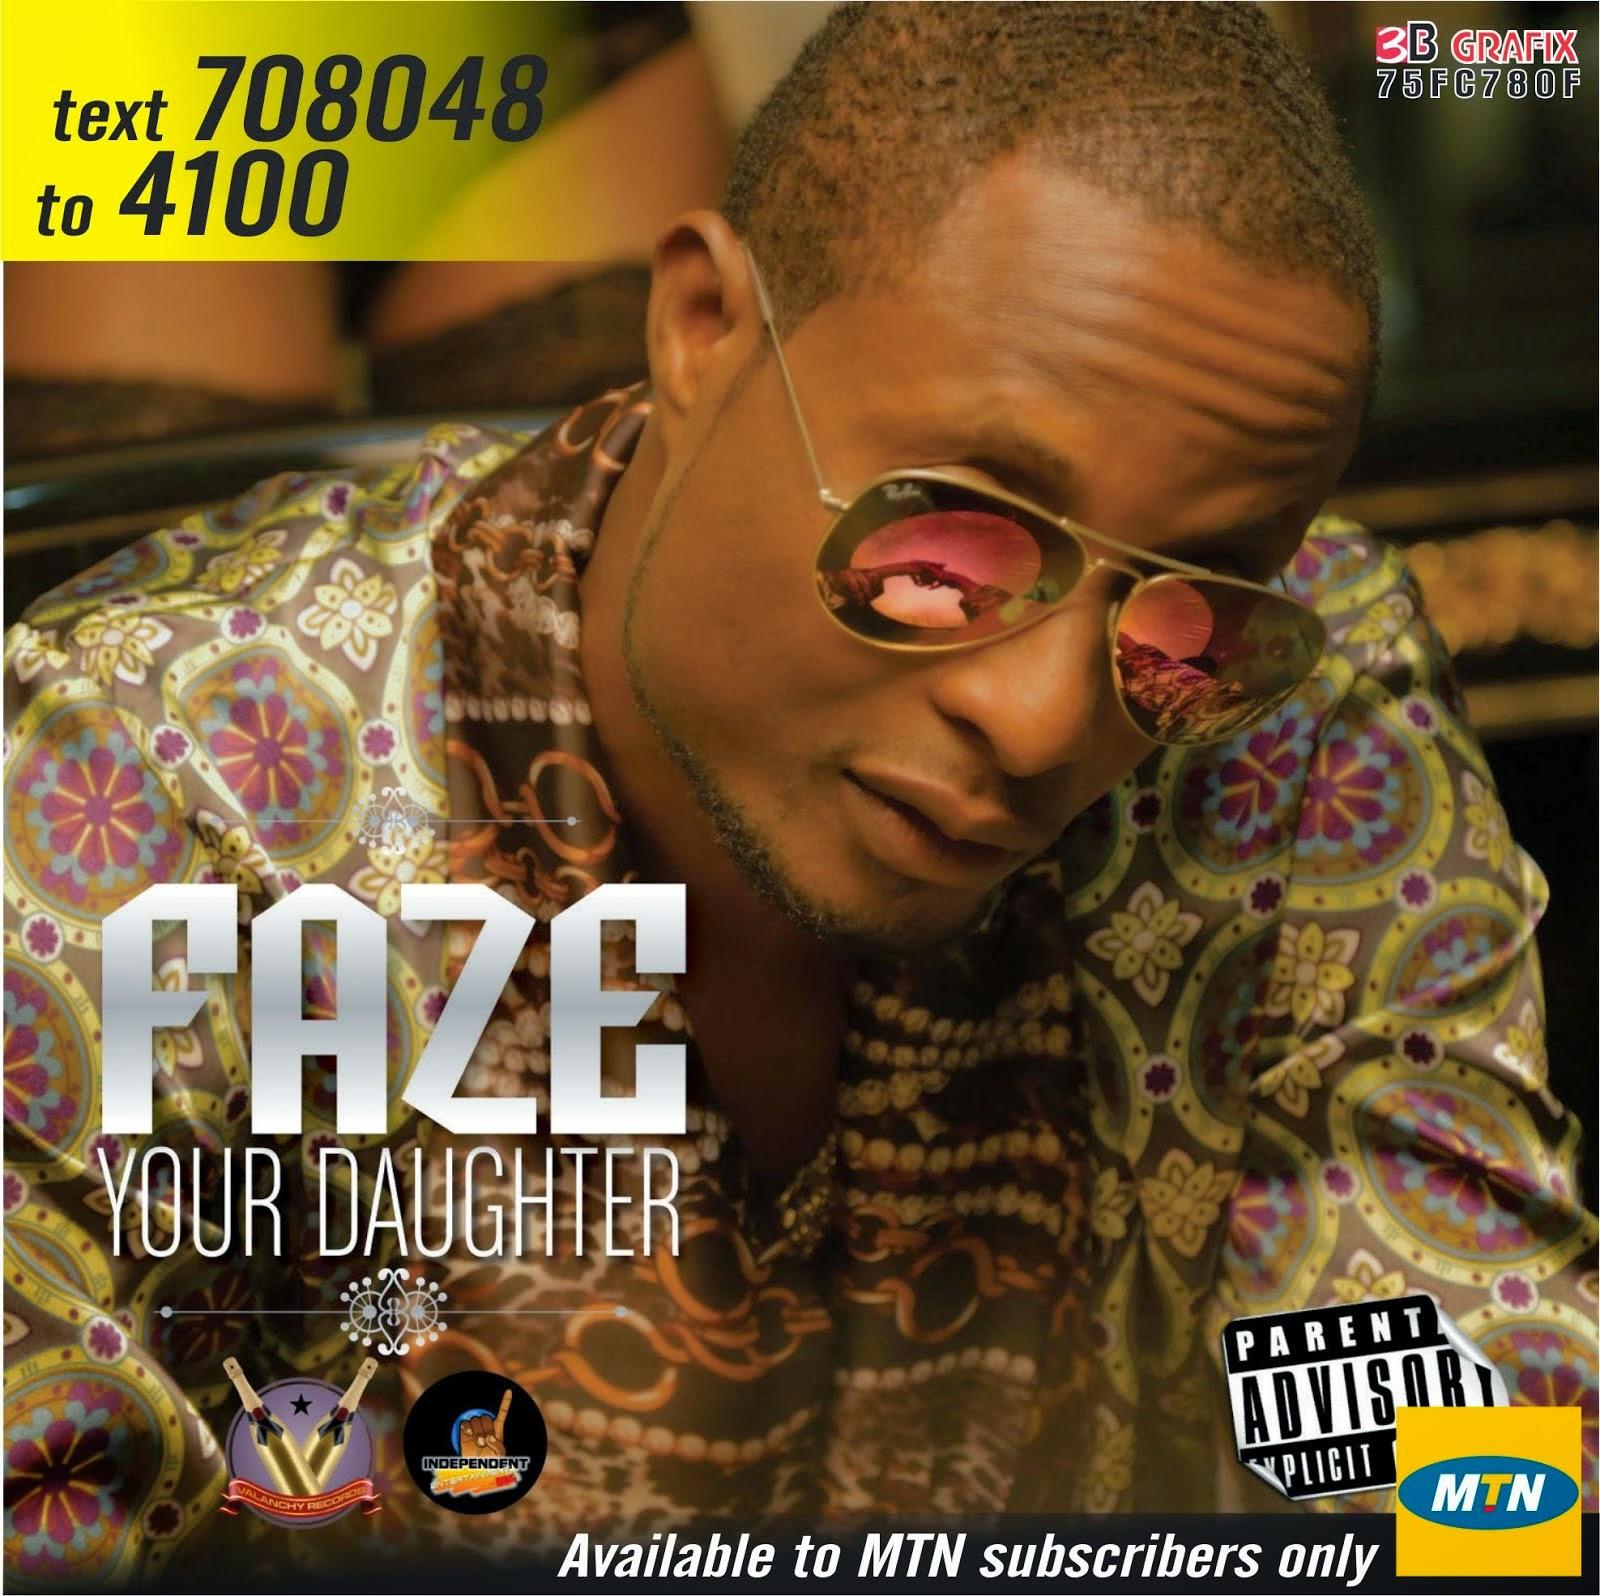 FAZE - YOUR DAUGHTER CALLER TUNEZ CODE